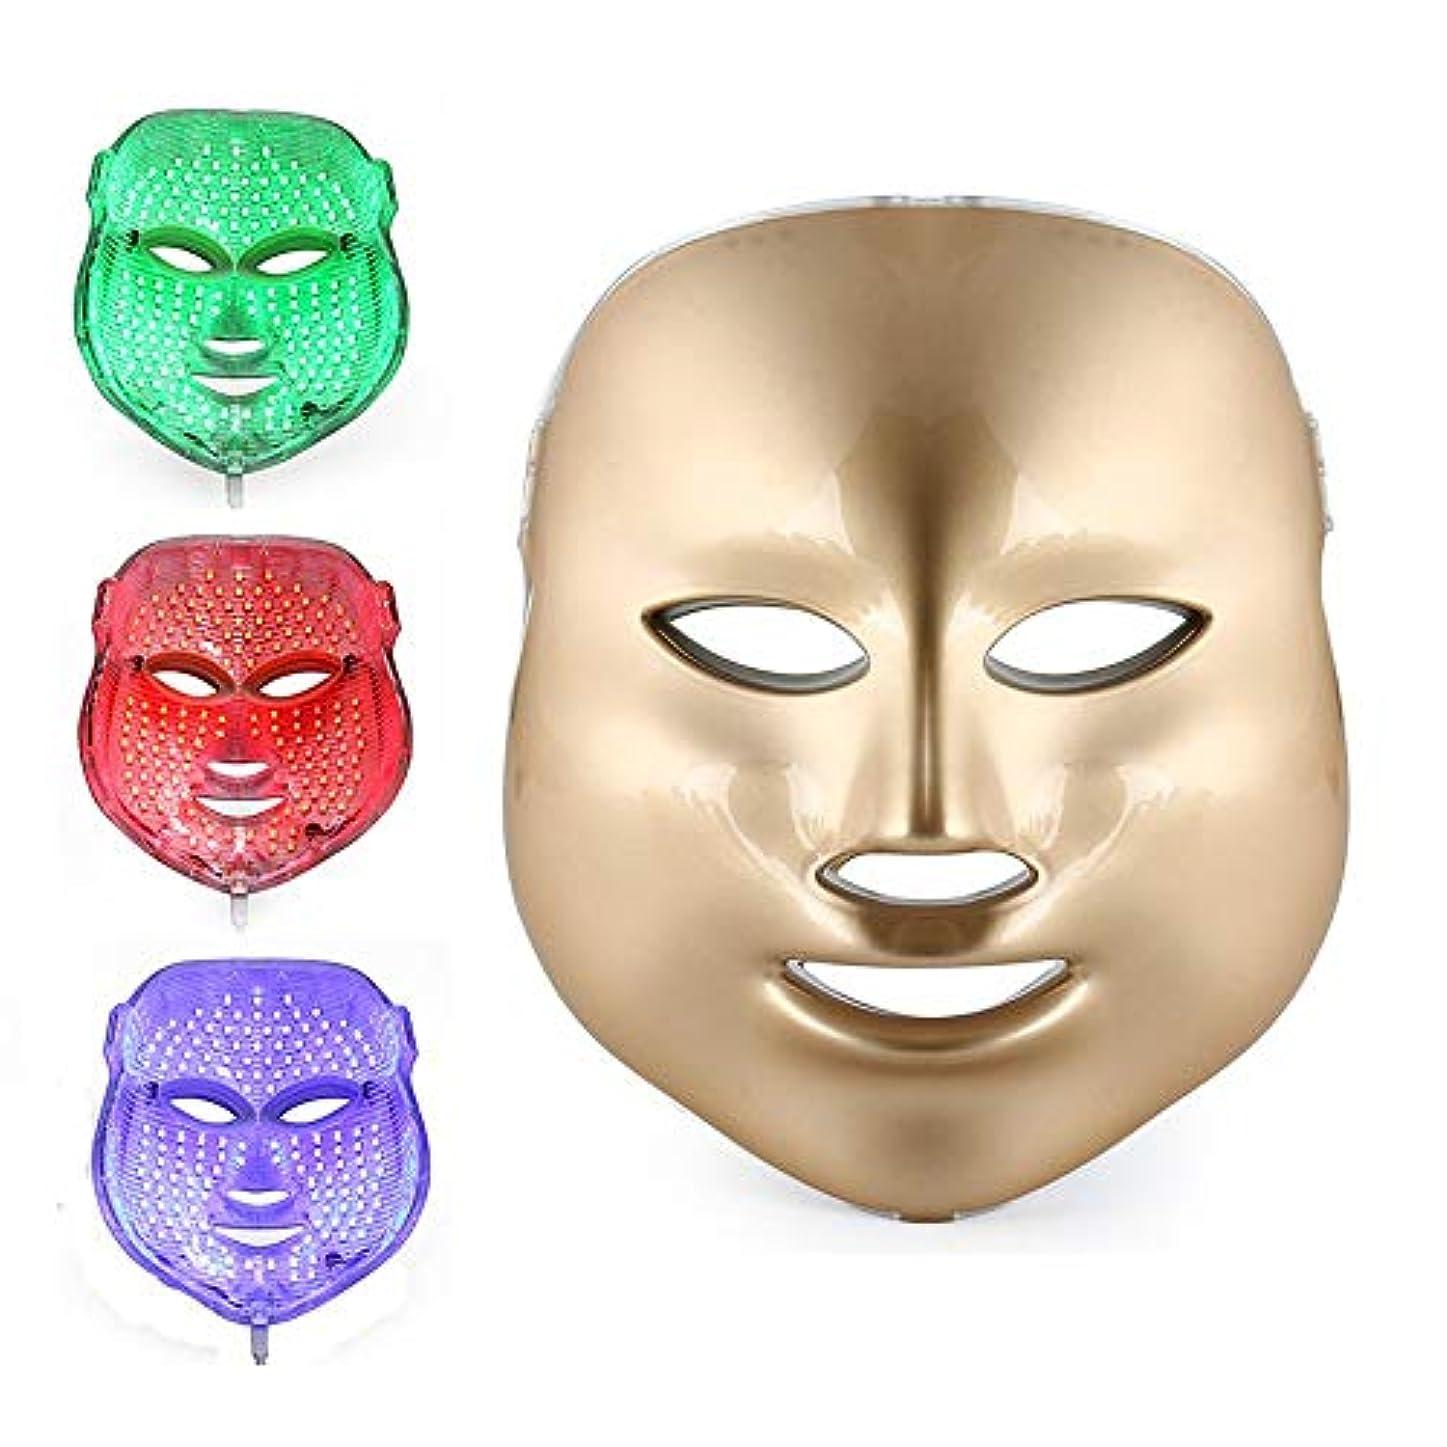 フレッシュ修道院生フォトンセラピー3色LEDマスクゴールドLEDライトセラピートリートメントフェイシャルビューティースキンケアにきびしわホワイトニング用フォトンセラピーマスク